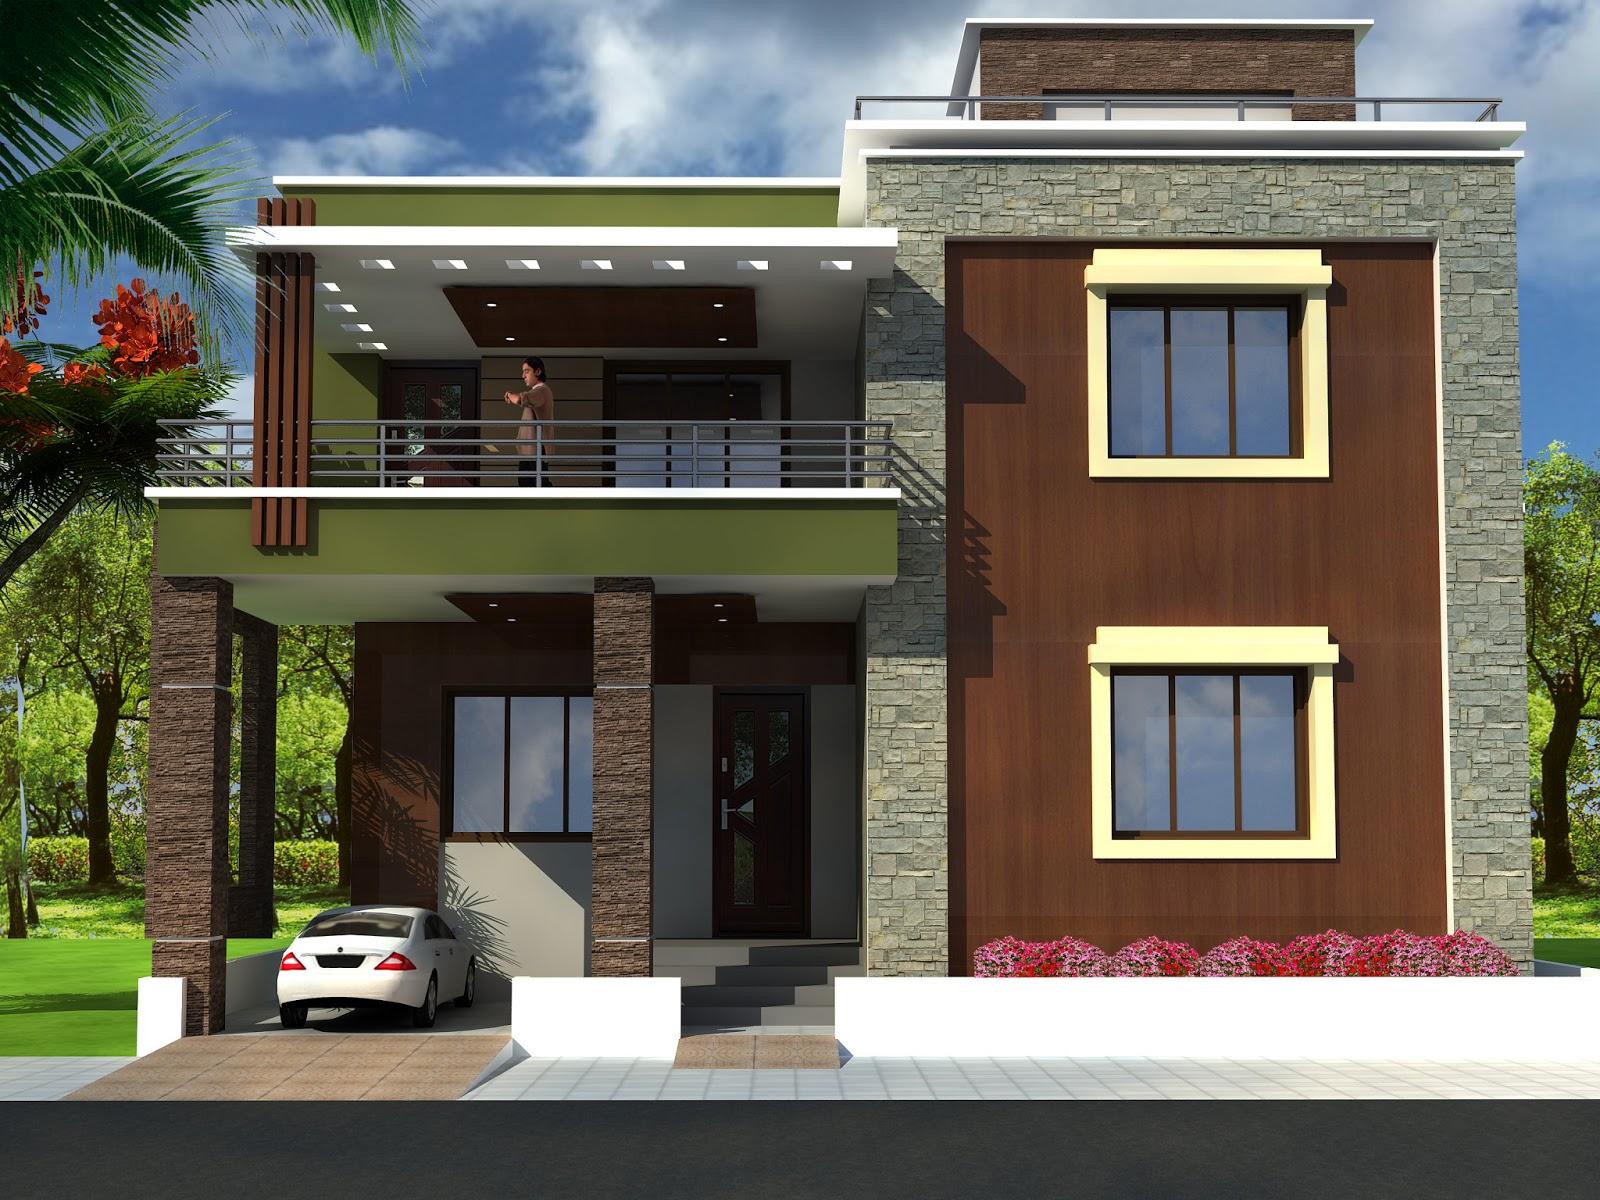 Designing house plan online free